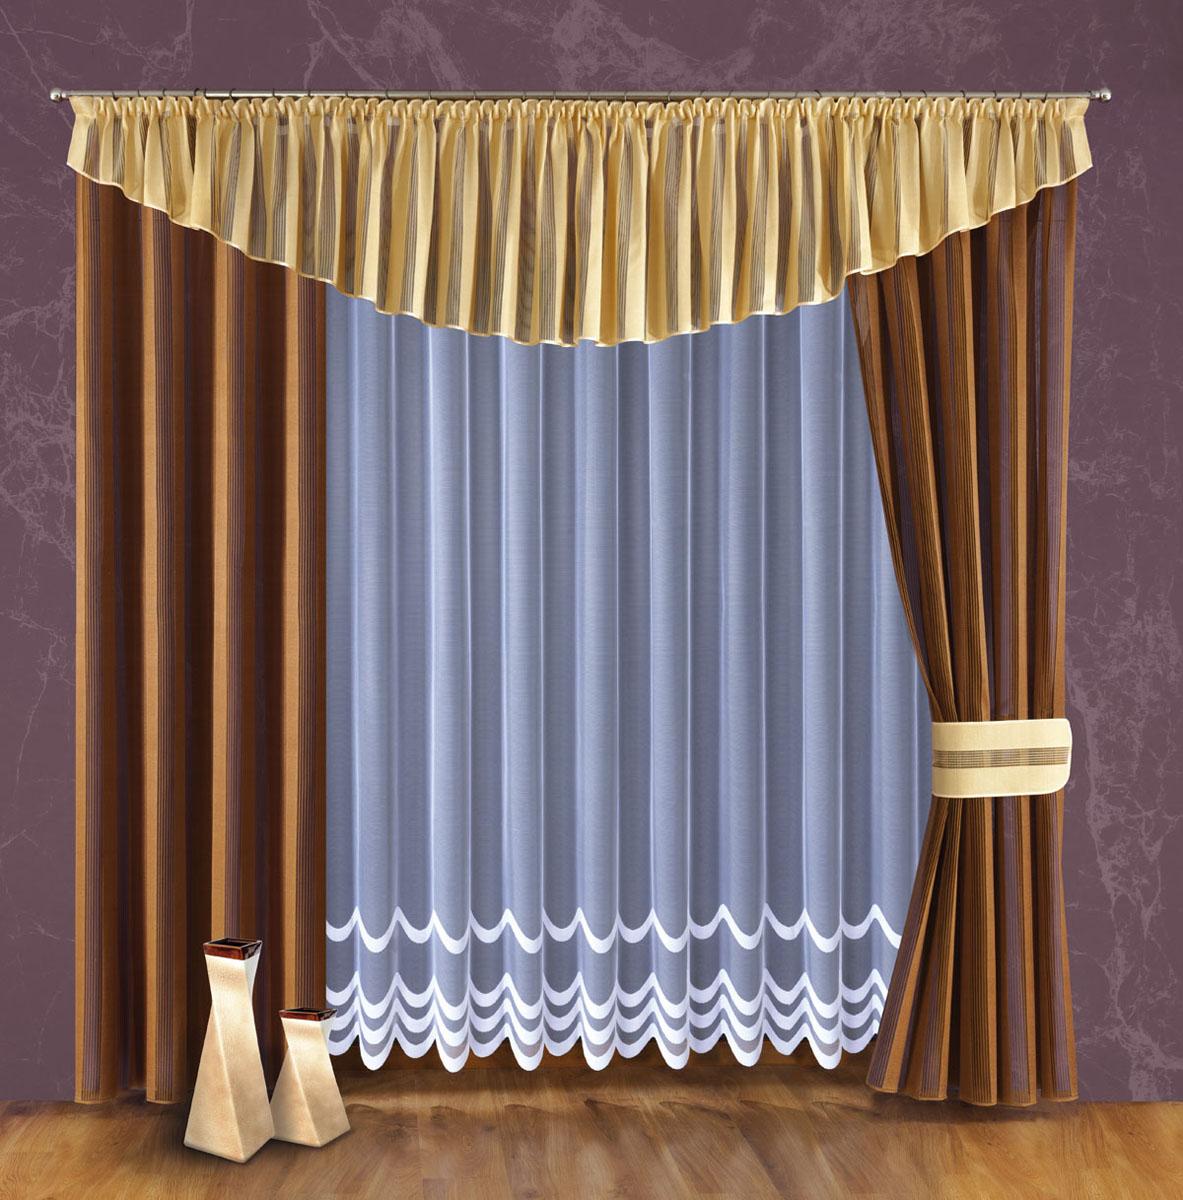 Комплект штор Wisan, цвет: коричневый, бежевый, высота 240 см. 094W094WЖаккардовый комплект штор, состоящий из двух портьер. Среднее затемнение пространстваРазмеры: тюль шир.400* выс.240, шторы (шир150* выс.240)*2, ламбрекен шир.500* выс.55